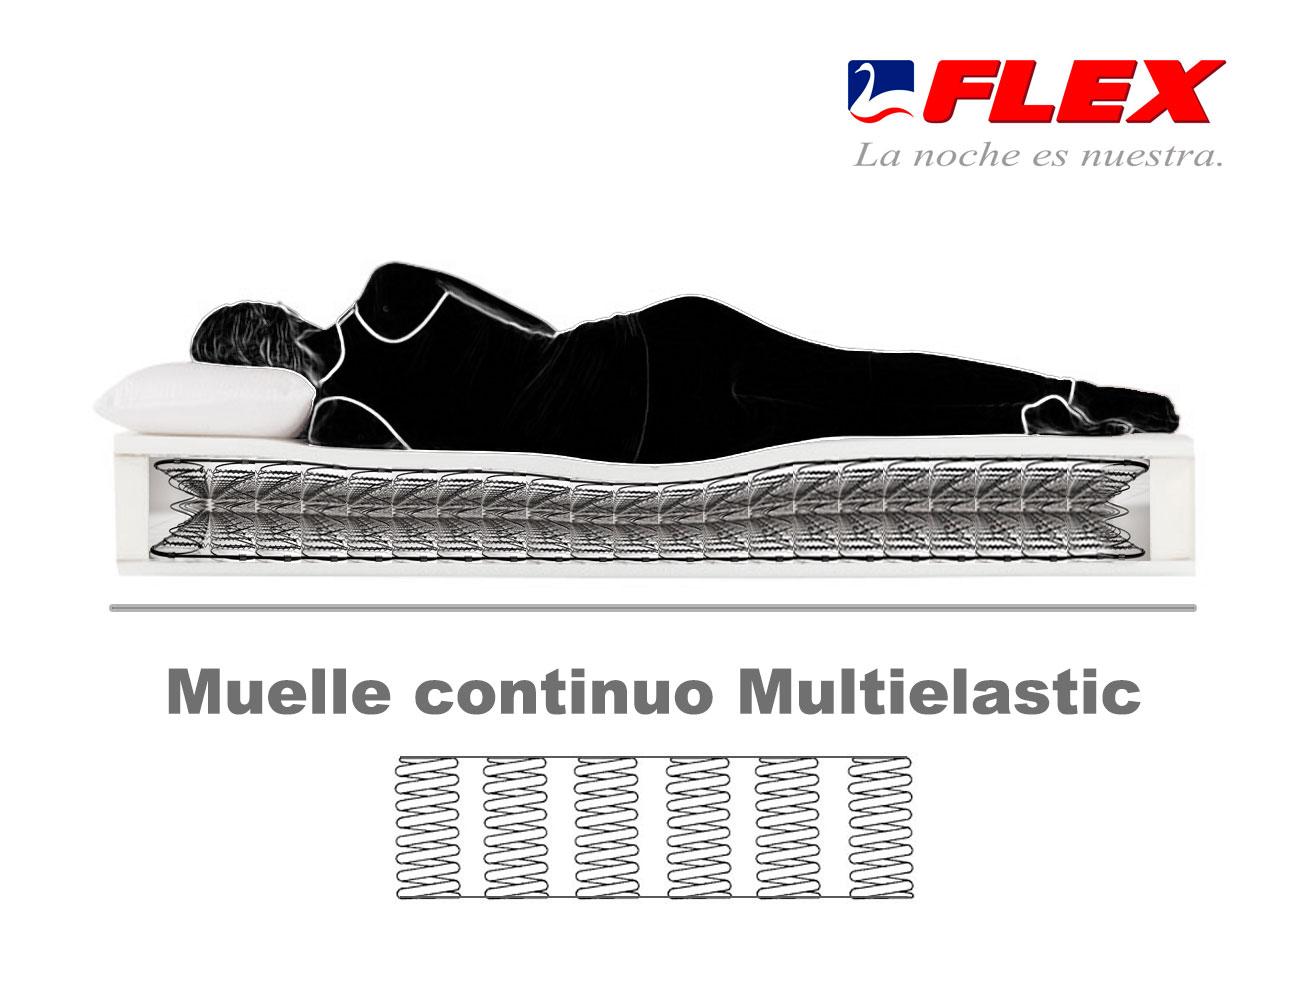 Muelle continuo multielastic flex23